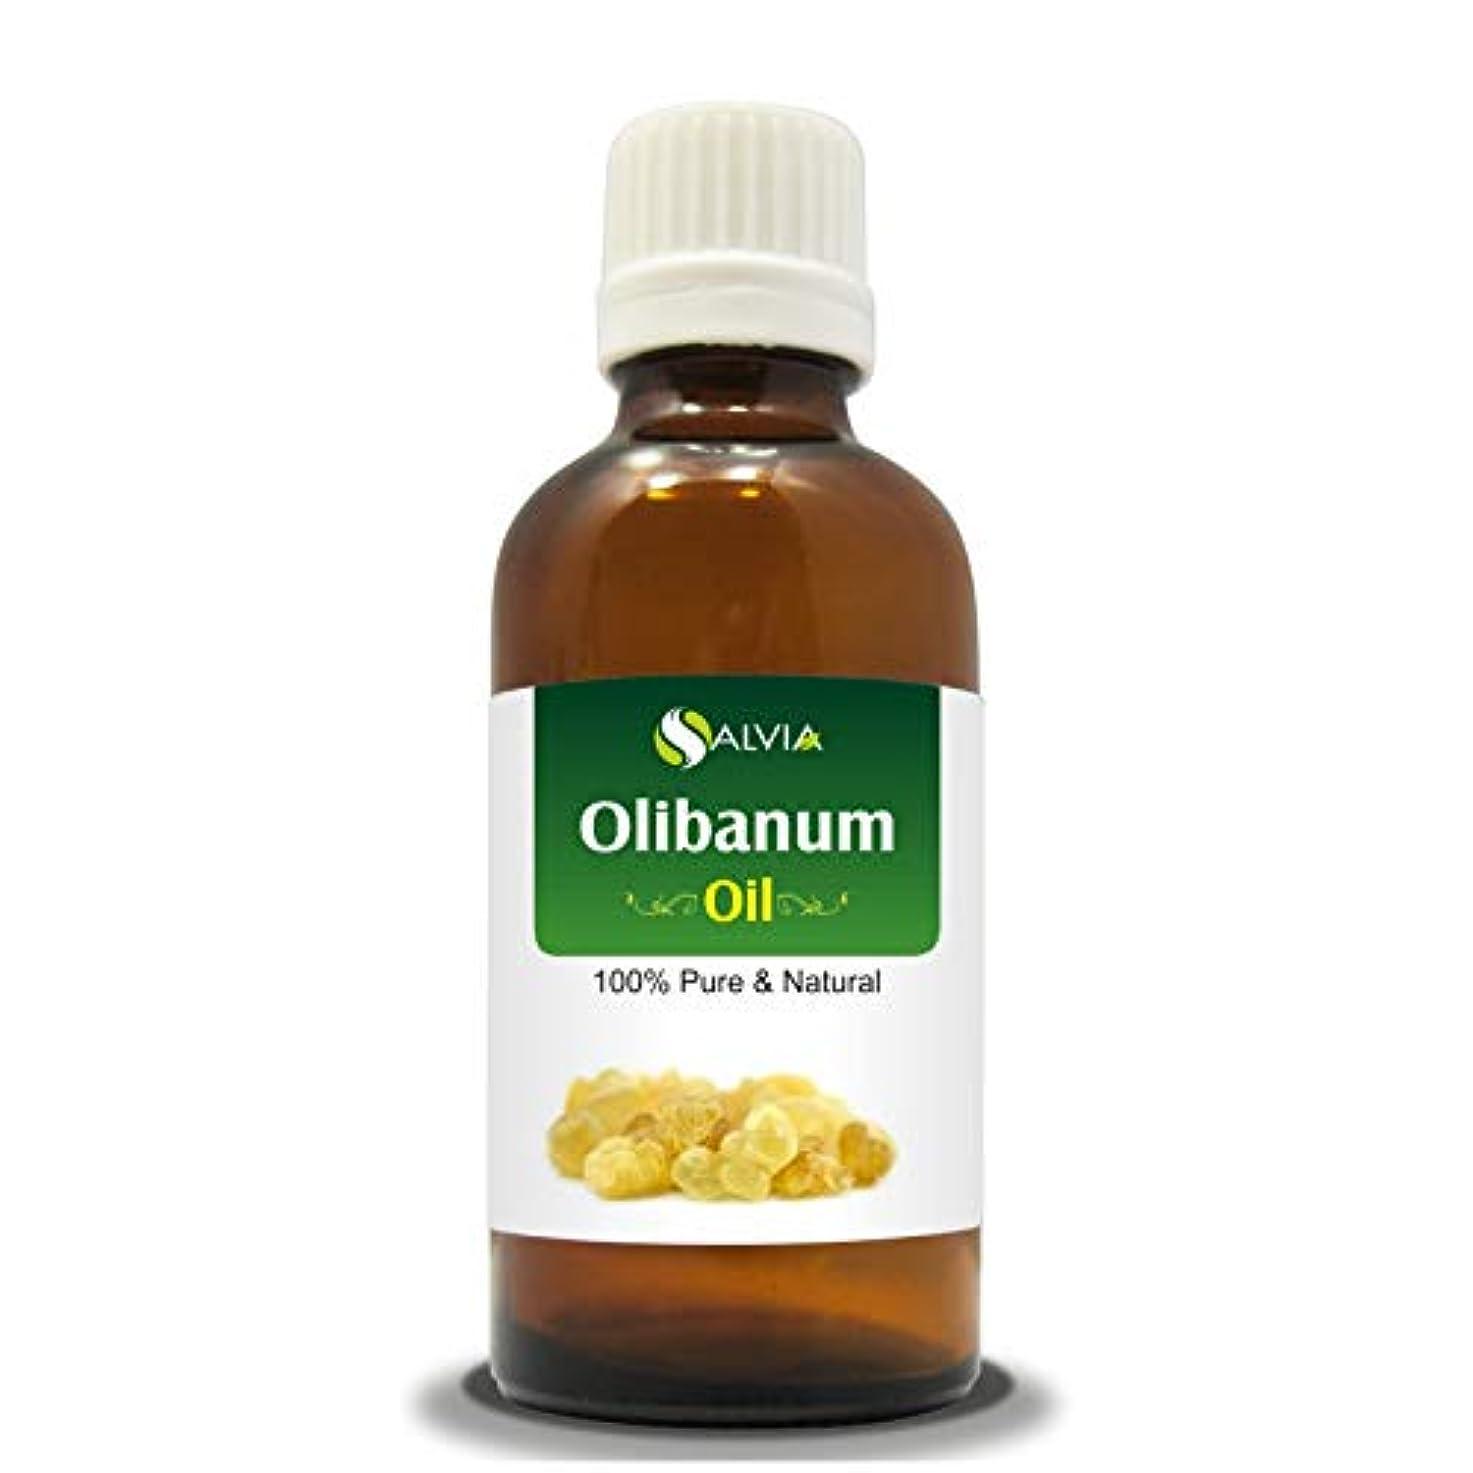 保証金詳細な計器OLIBANUM OIL (BOSWELLIA SERRATA) 100% NATURAL PURE ESSENTIAL OIL 30ML